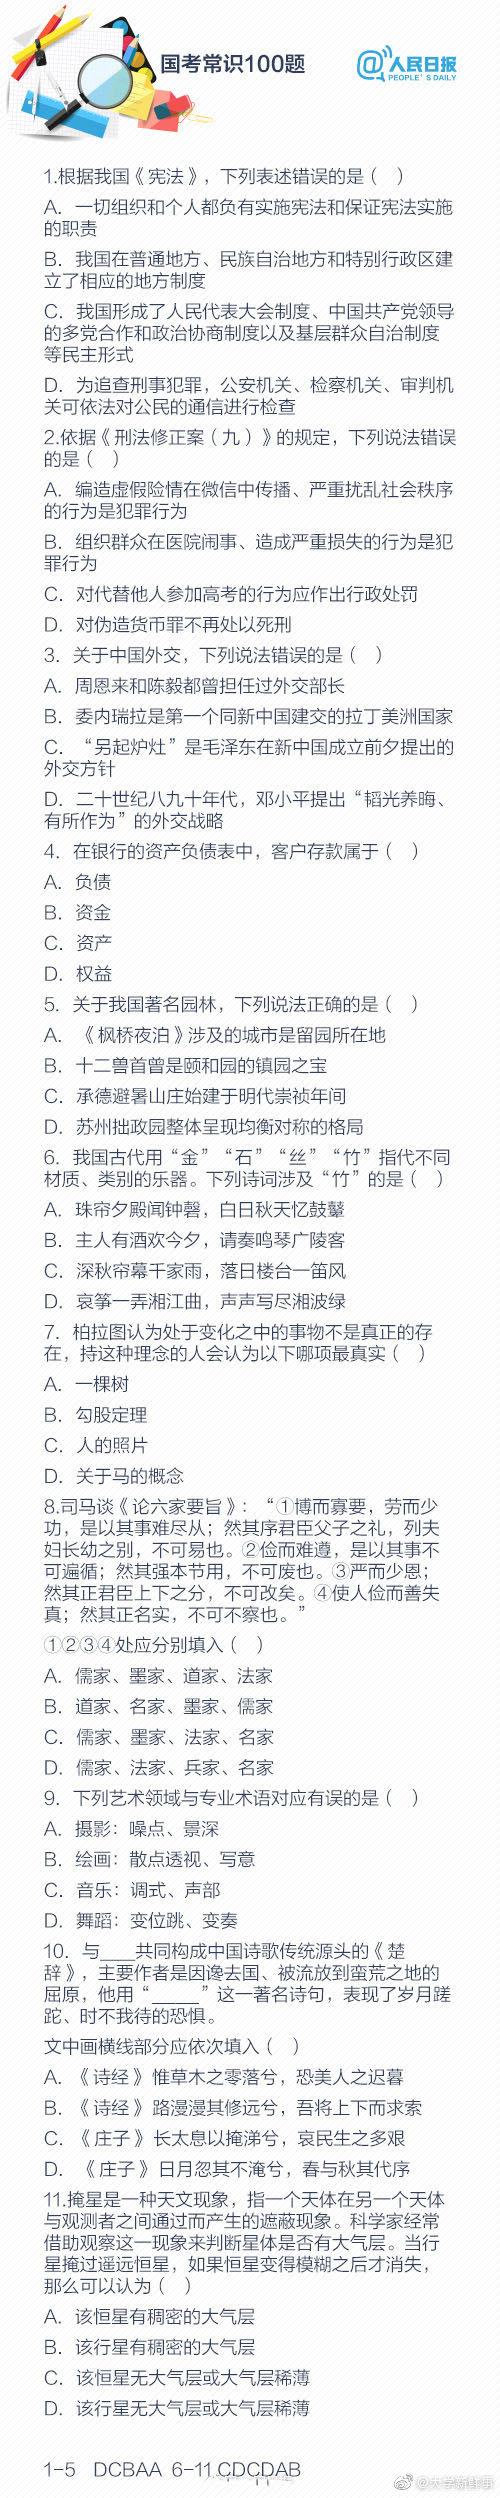 人民日报发布的公务员考试必背常识100题!